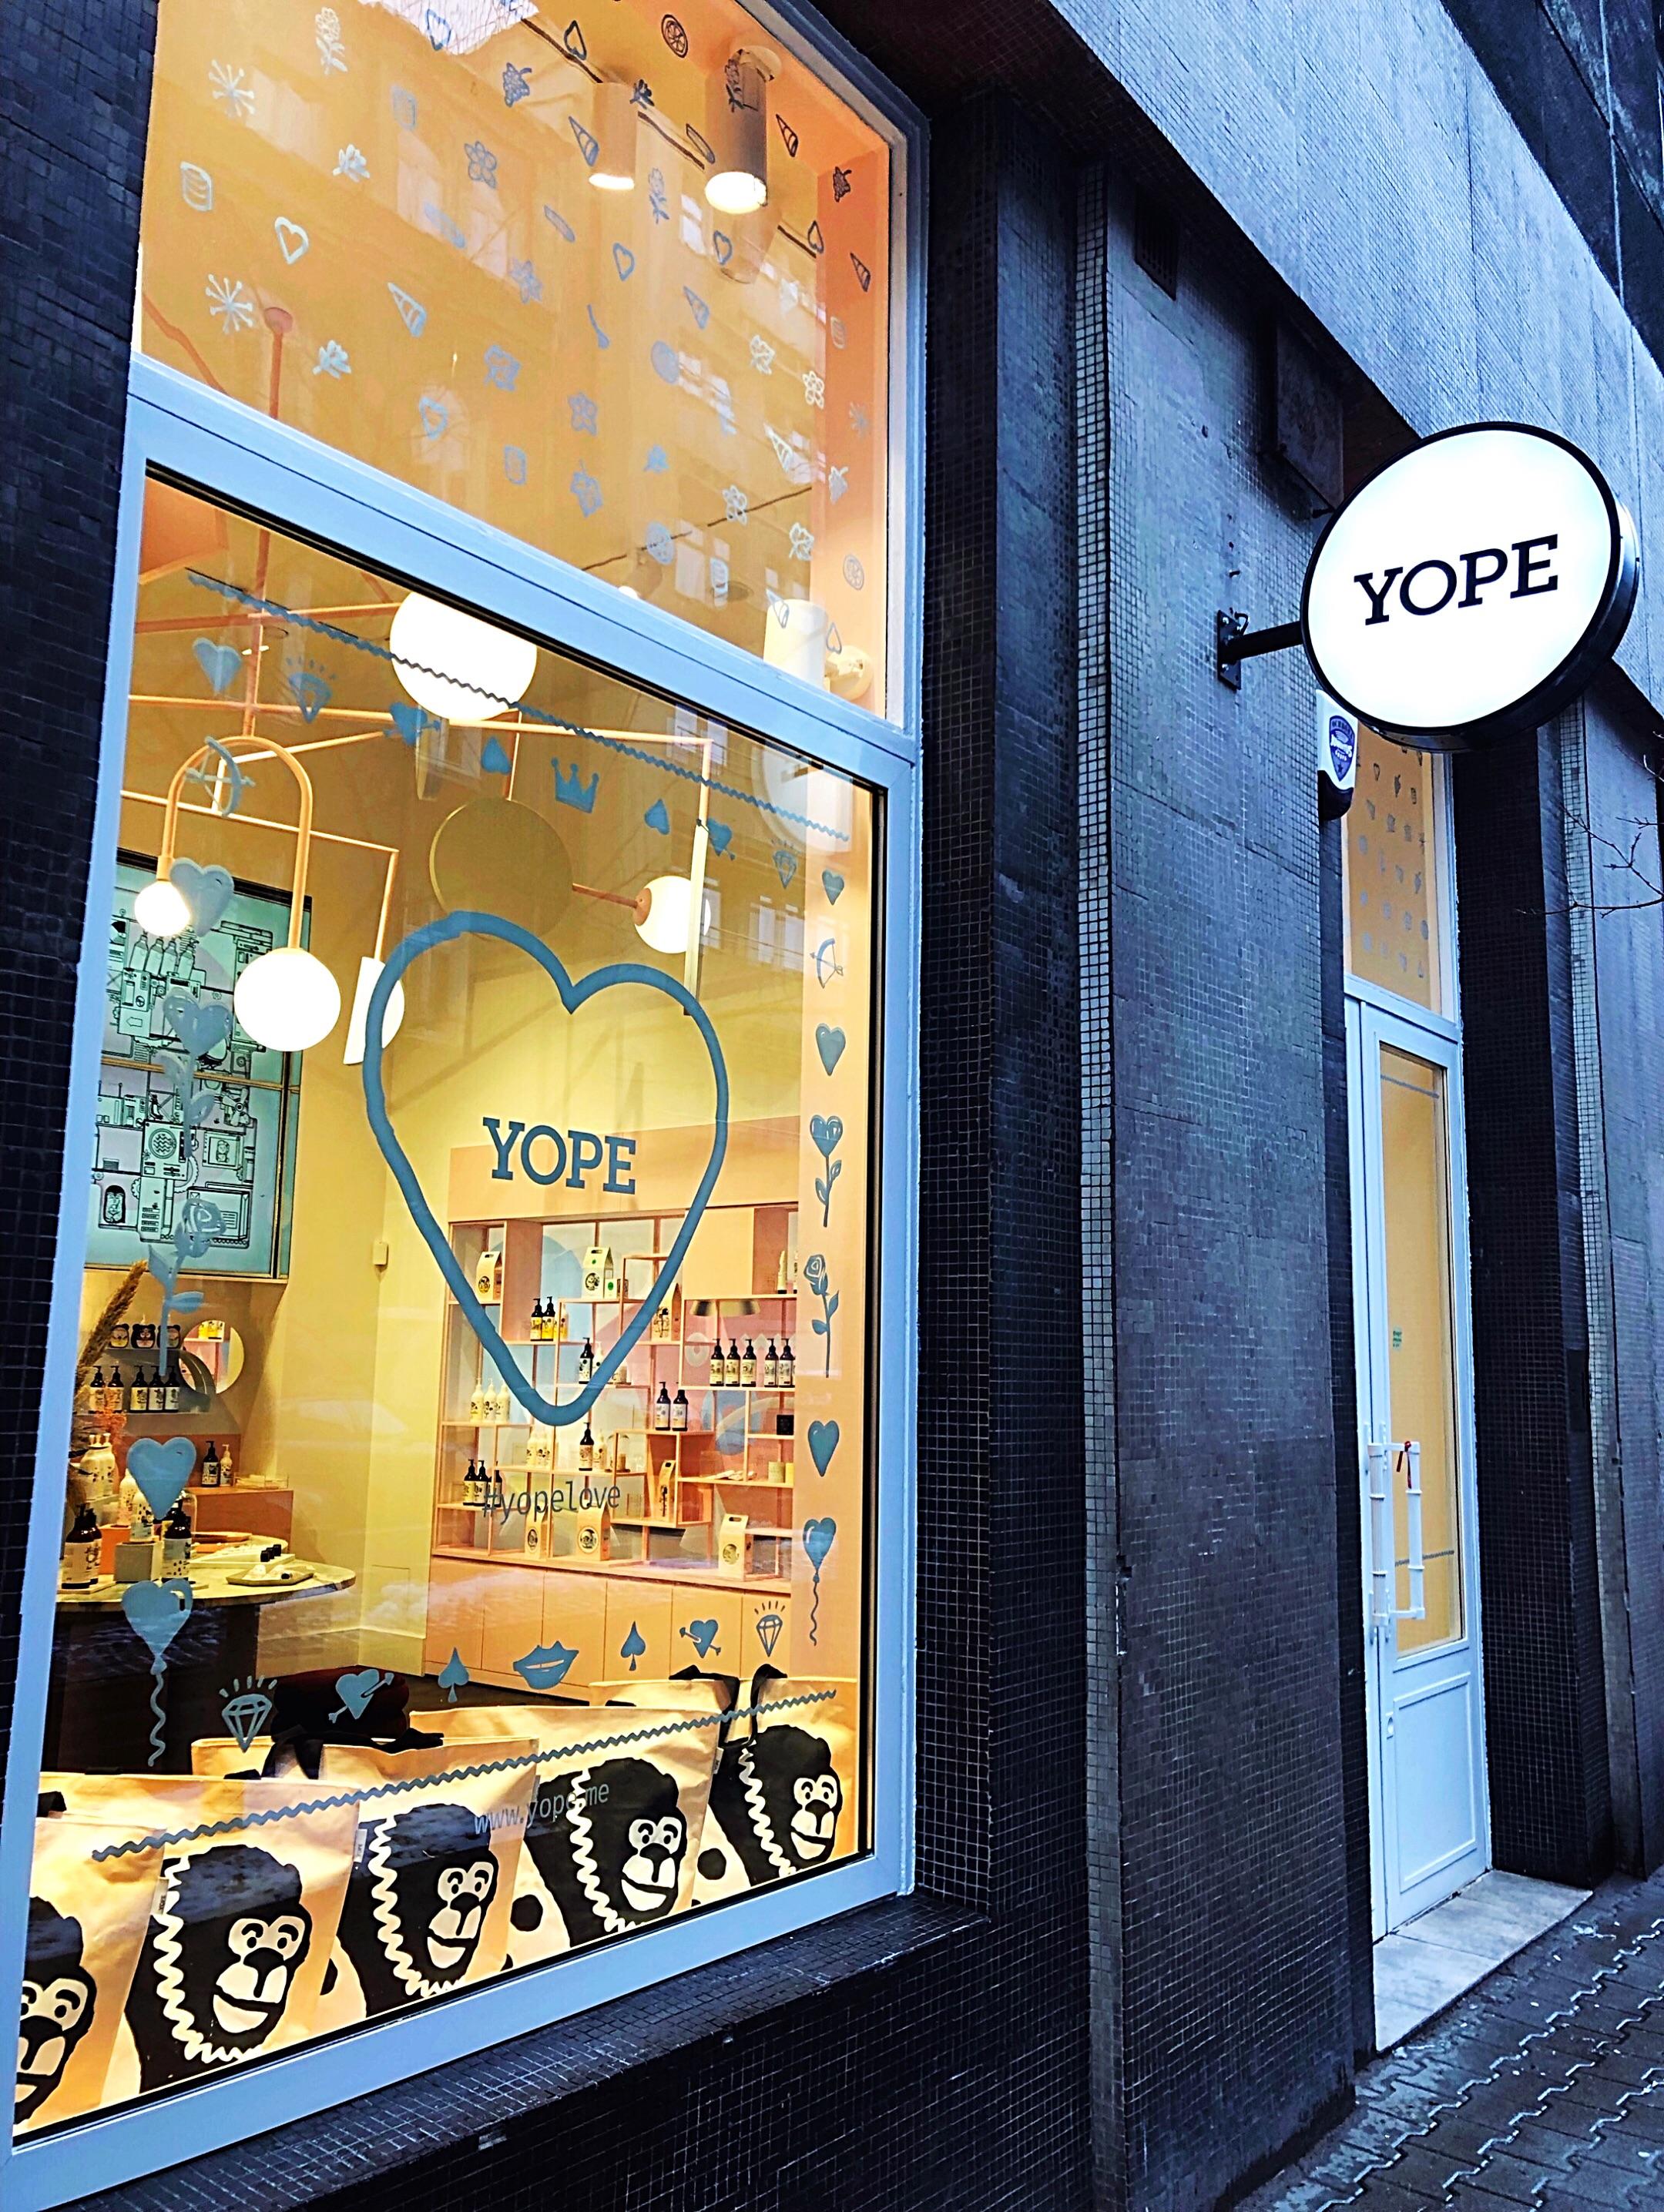 Outside Yope